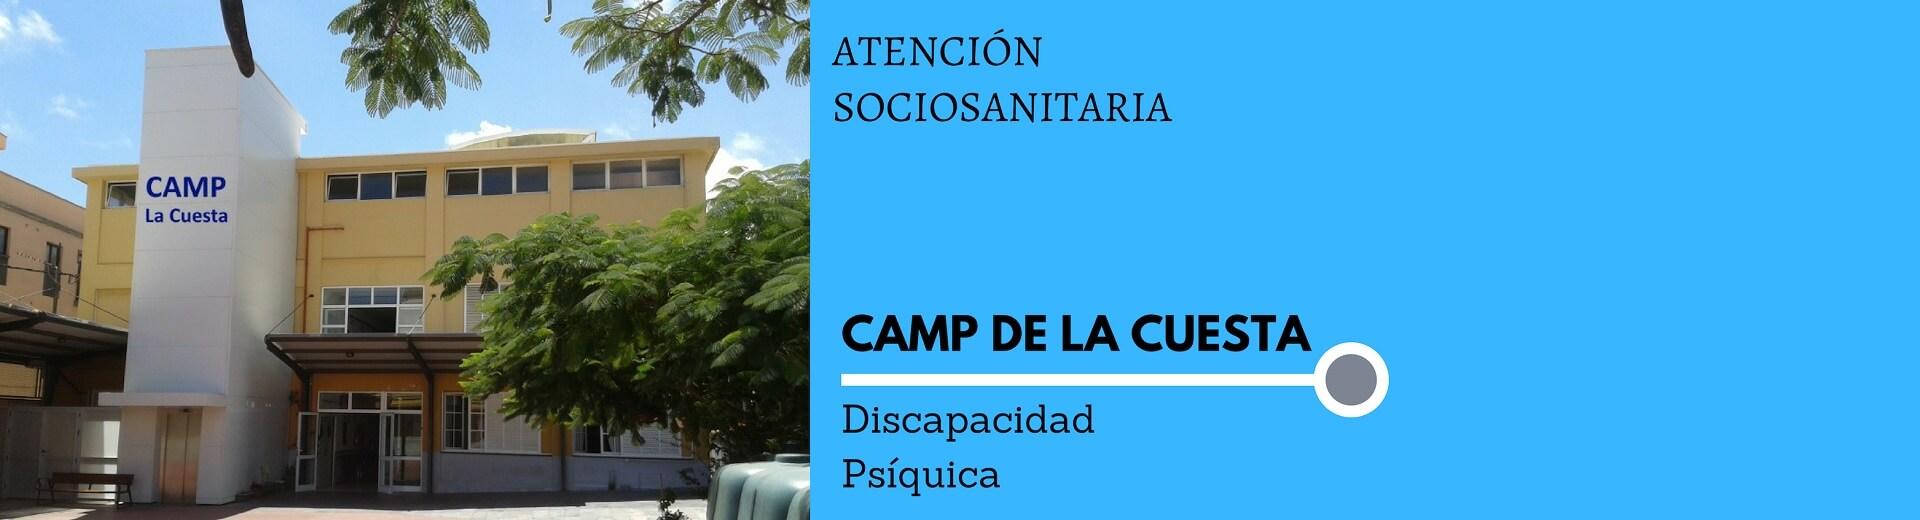 ISCAN_CAMPdelacuesta